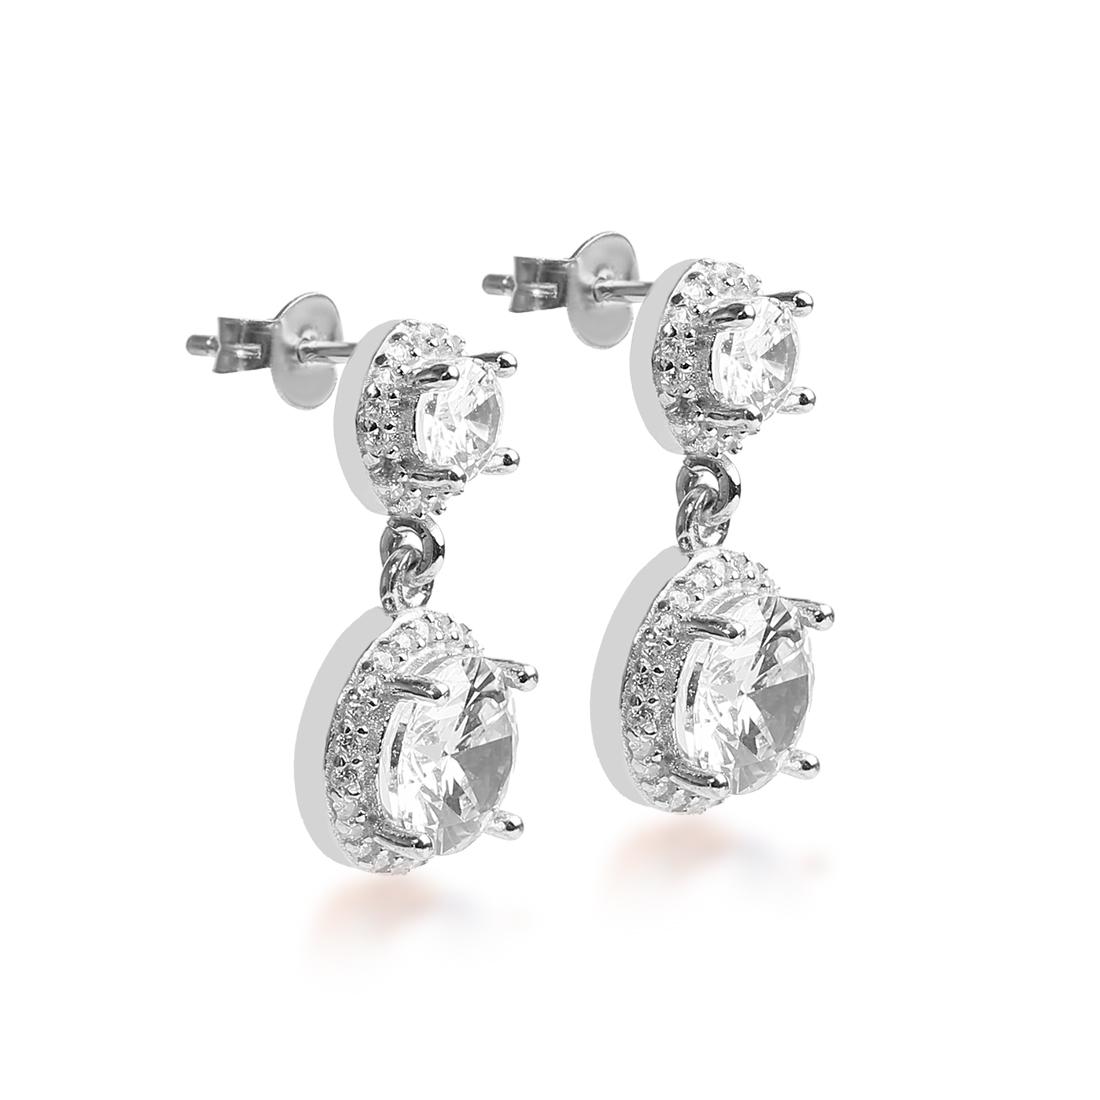 Eden Silver Drop Earring - High Street Jewelry